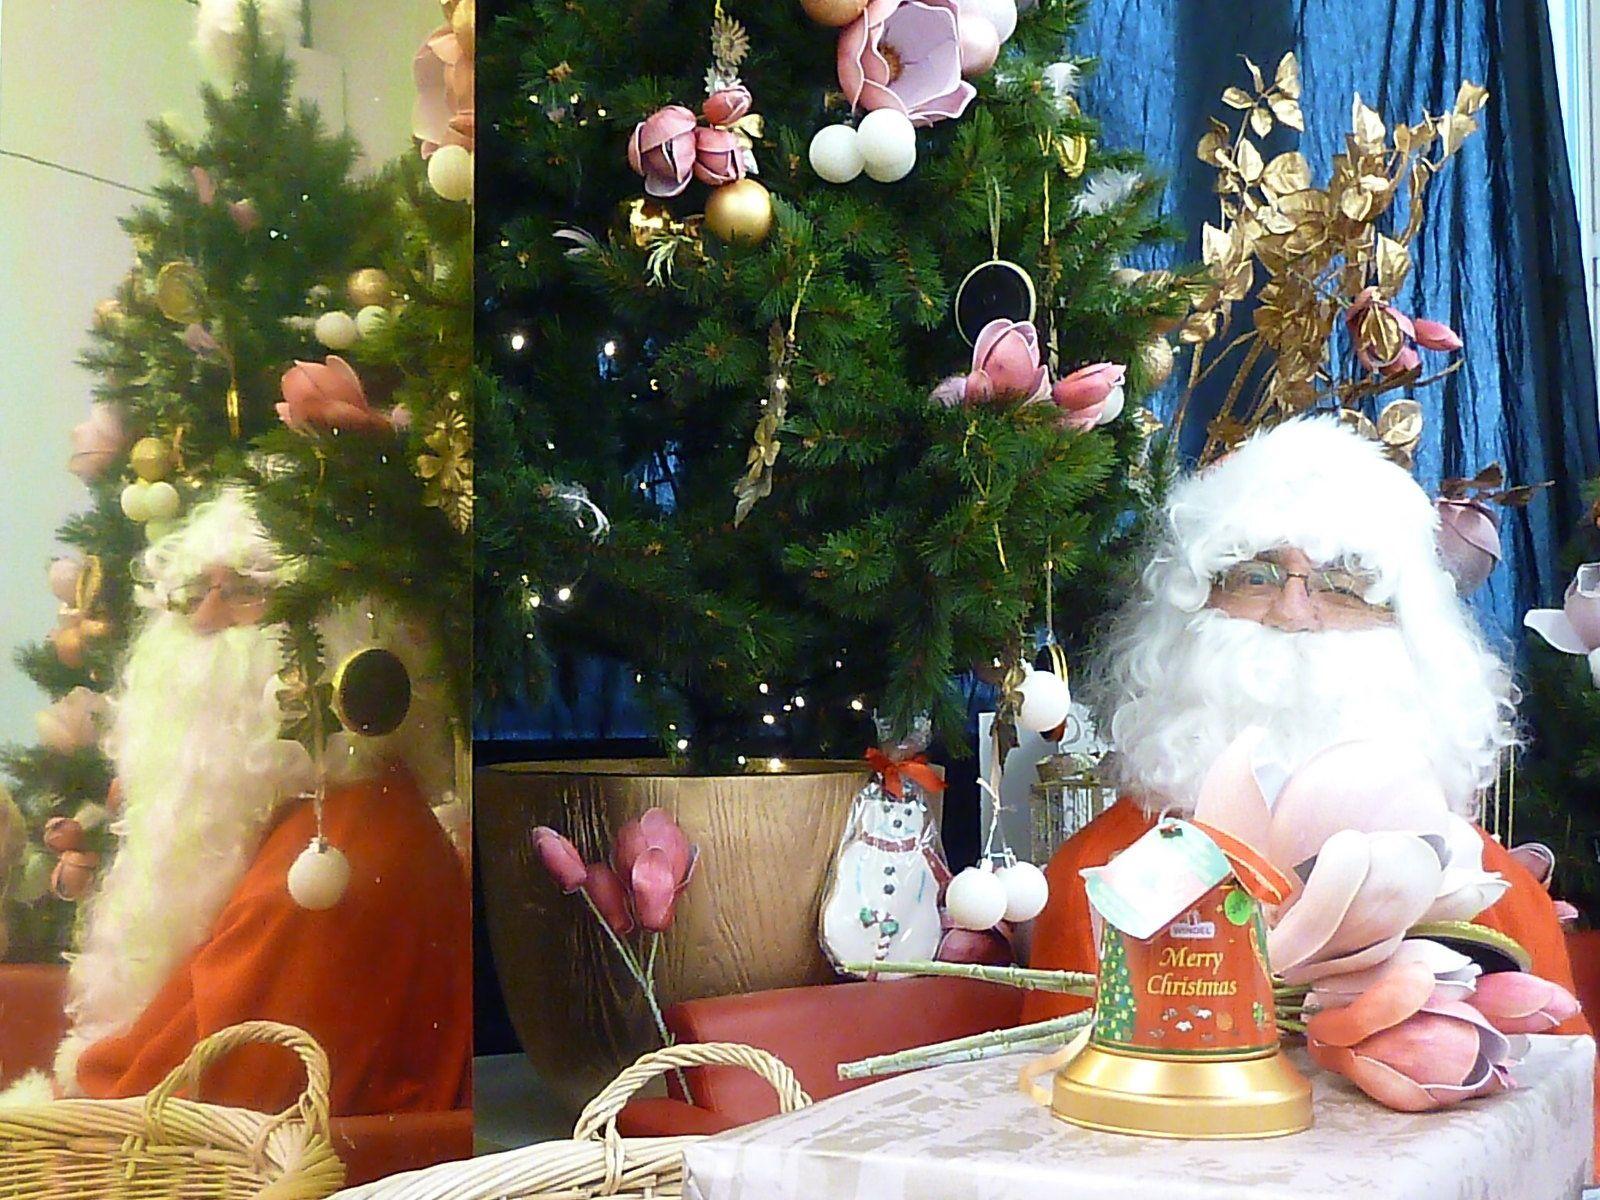 Le père Noël des G-L de Saintes a du travail pour deux. Quant au père Noël du marché il a fait venir du renfort.